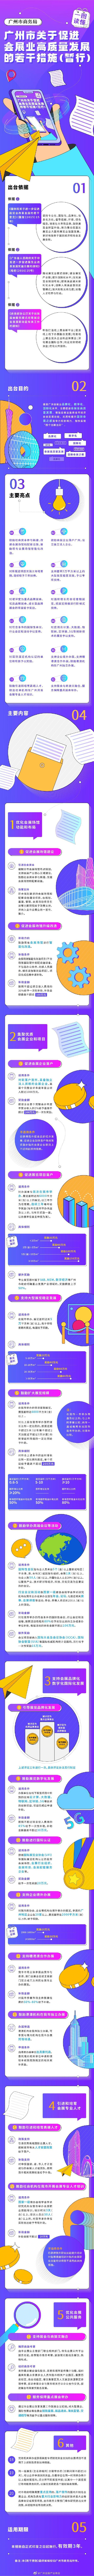 《广州市关于促进会展业高质量发展的若干措施(暂行)》.jpg